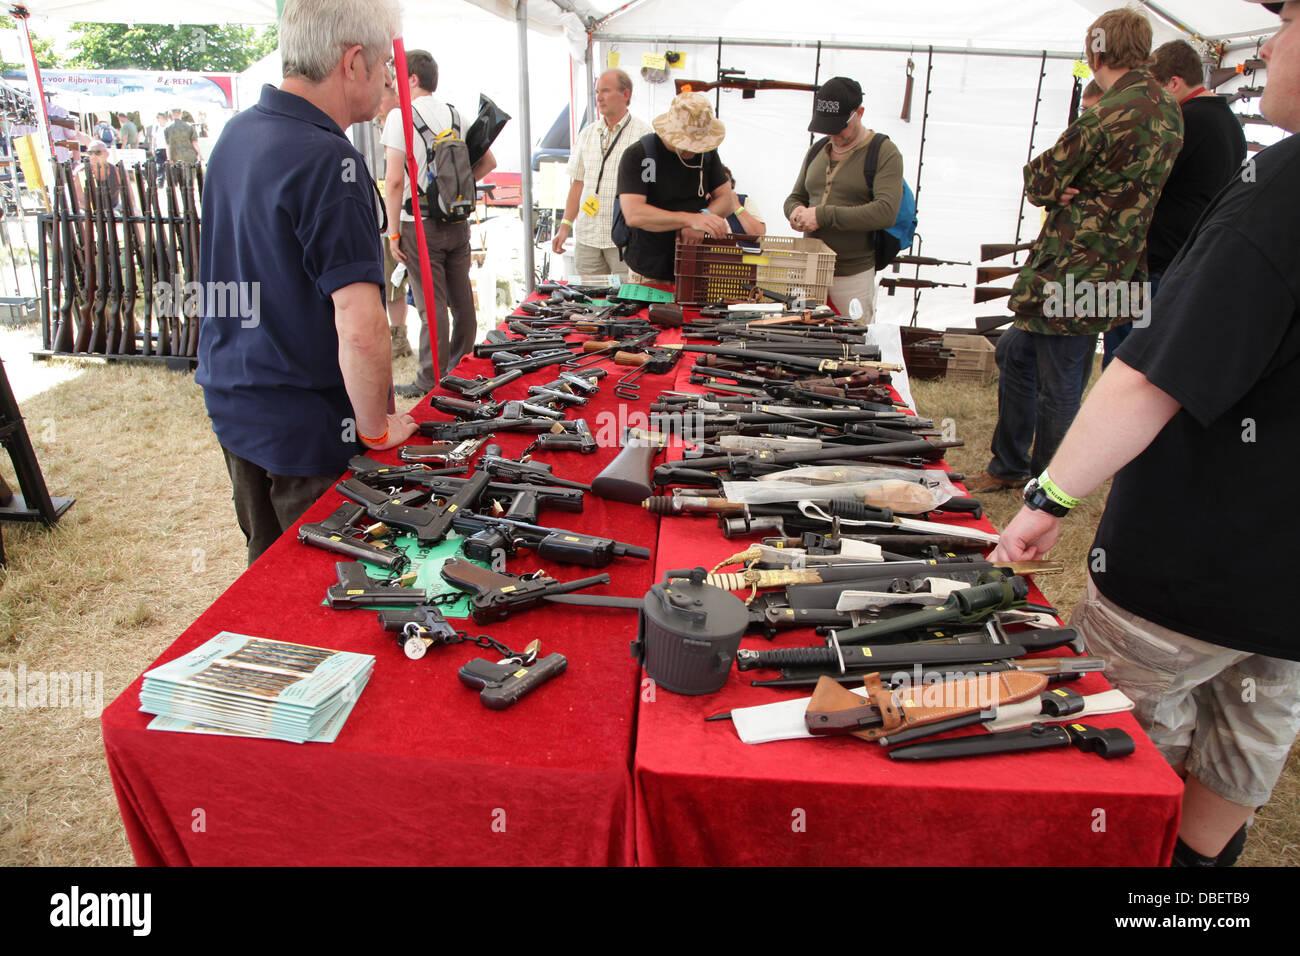 Le persone che ricercano pistole a un militare e Fiera di armi Immagini Stock